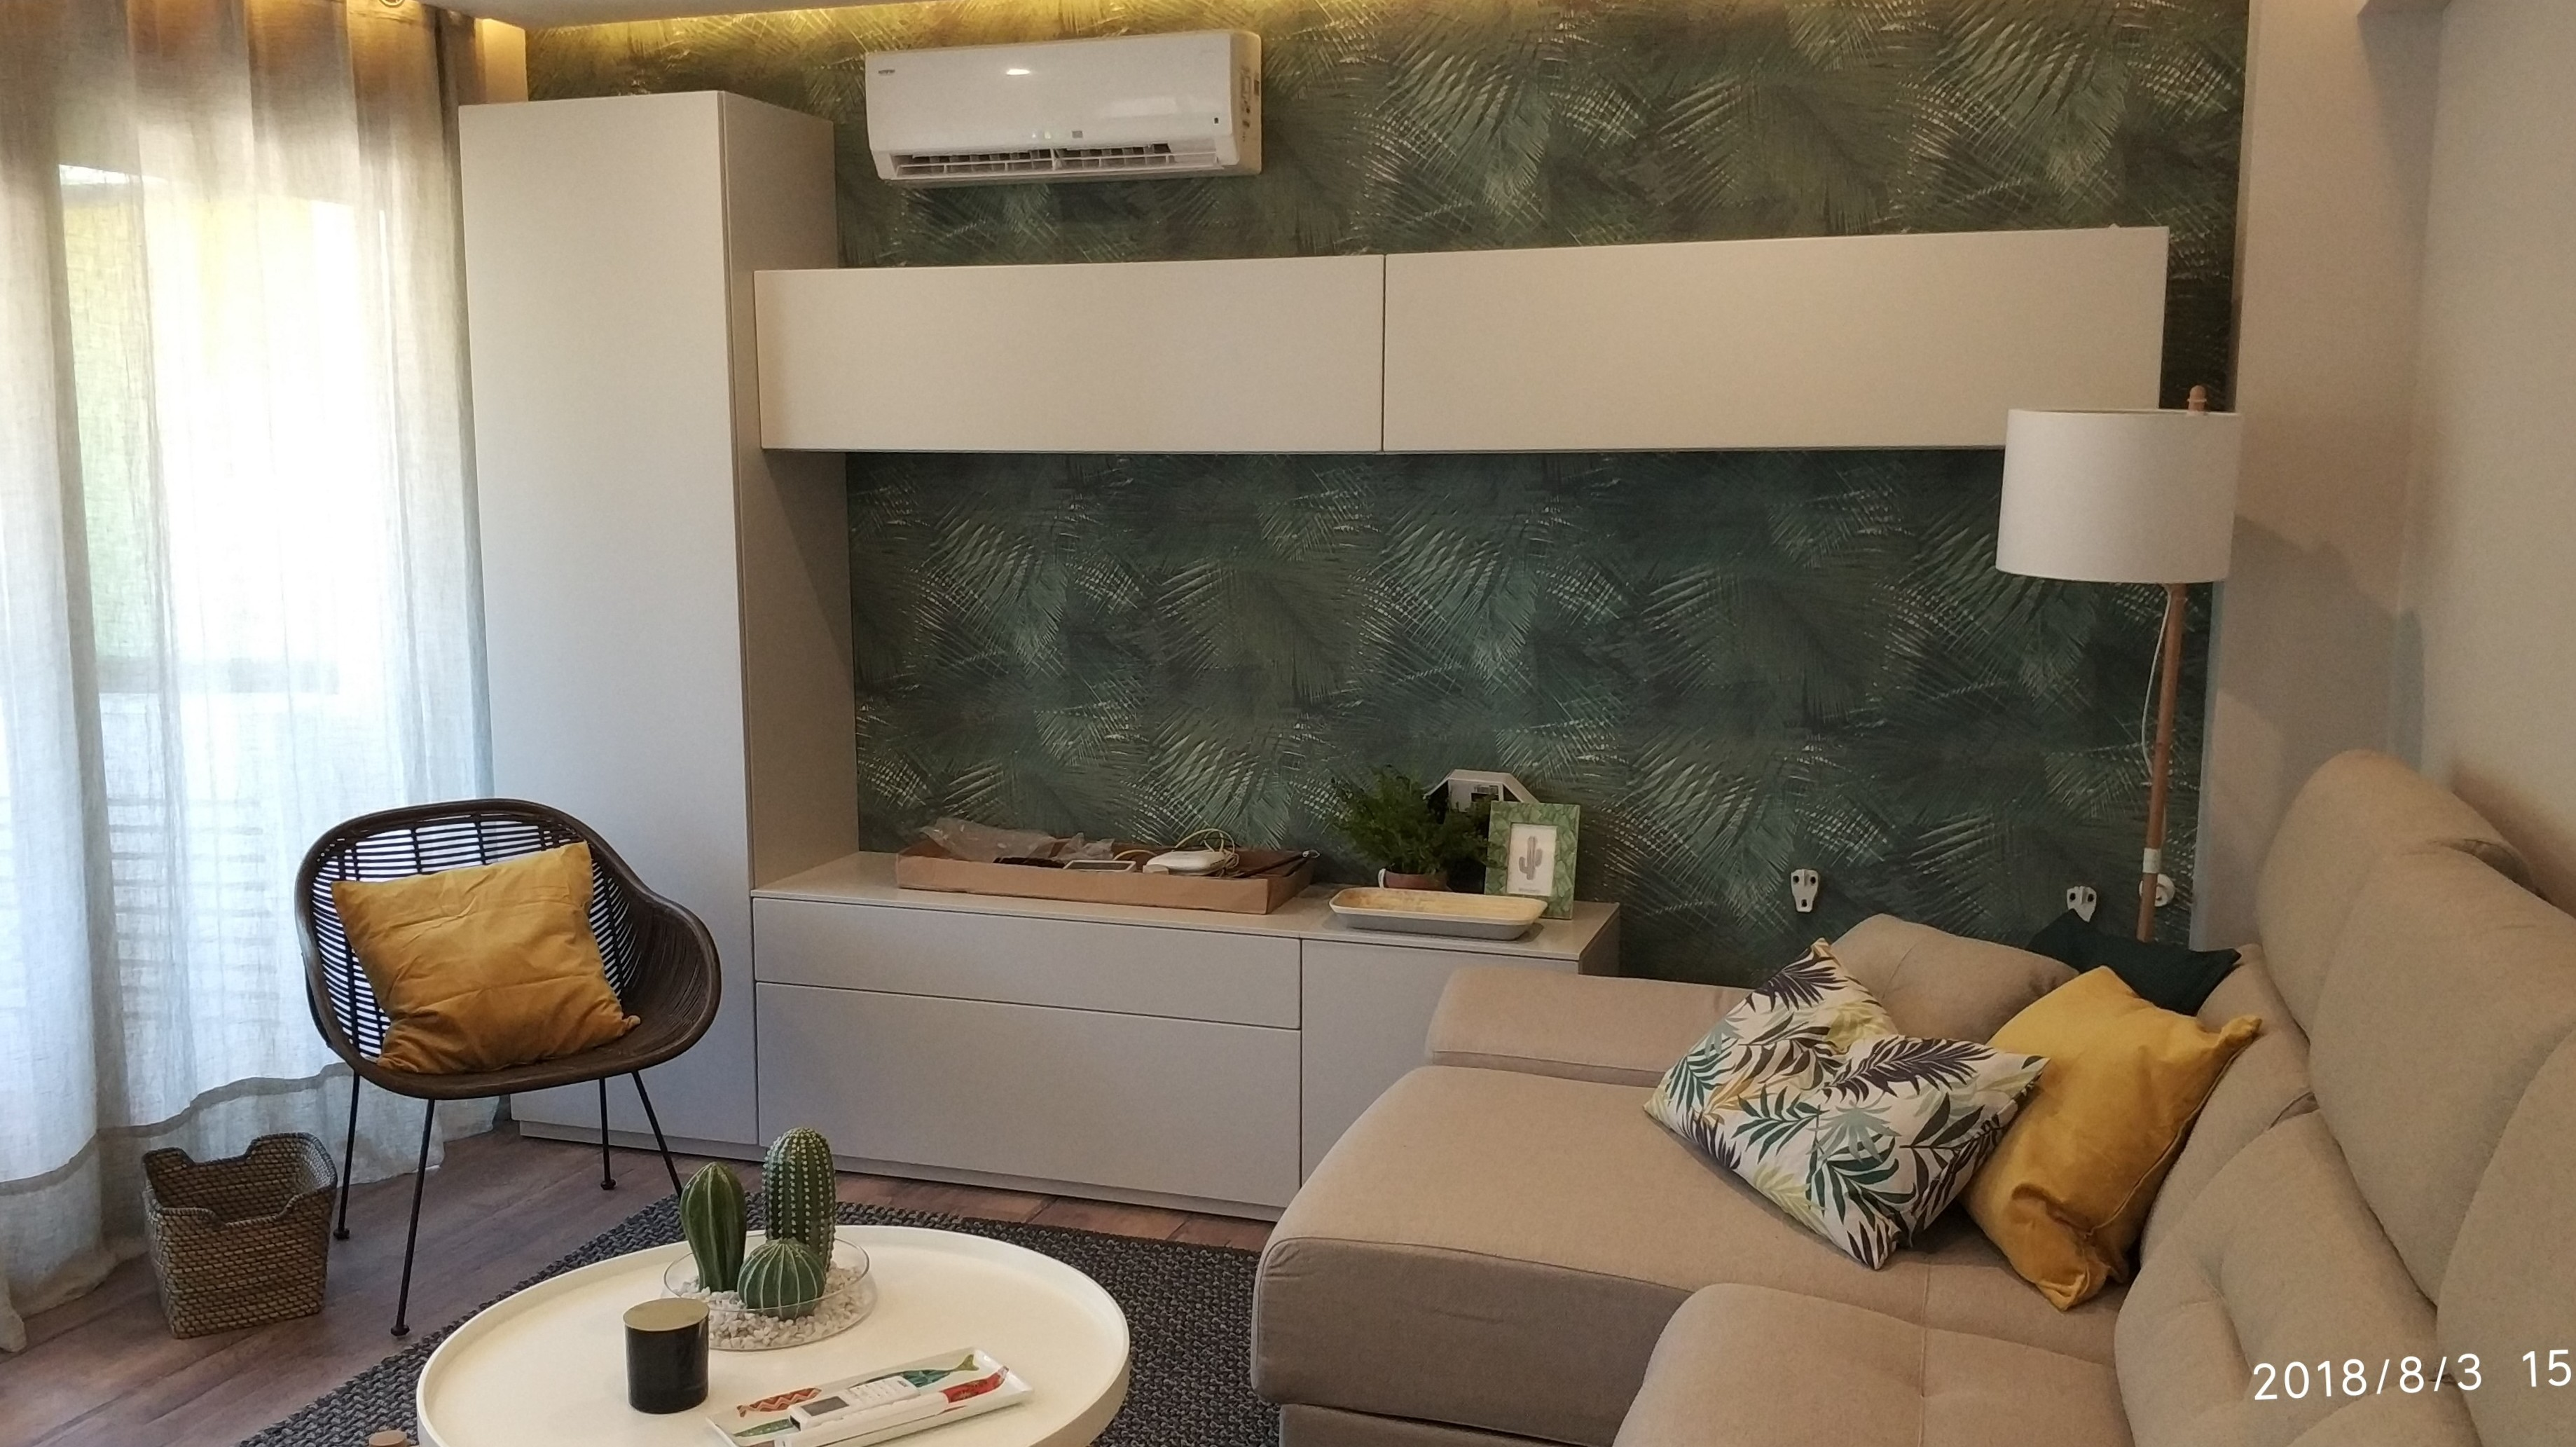 Diseño de salón con papel decorativo vegetal.